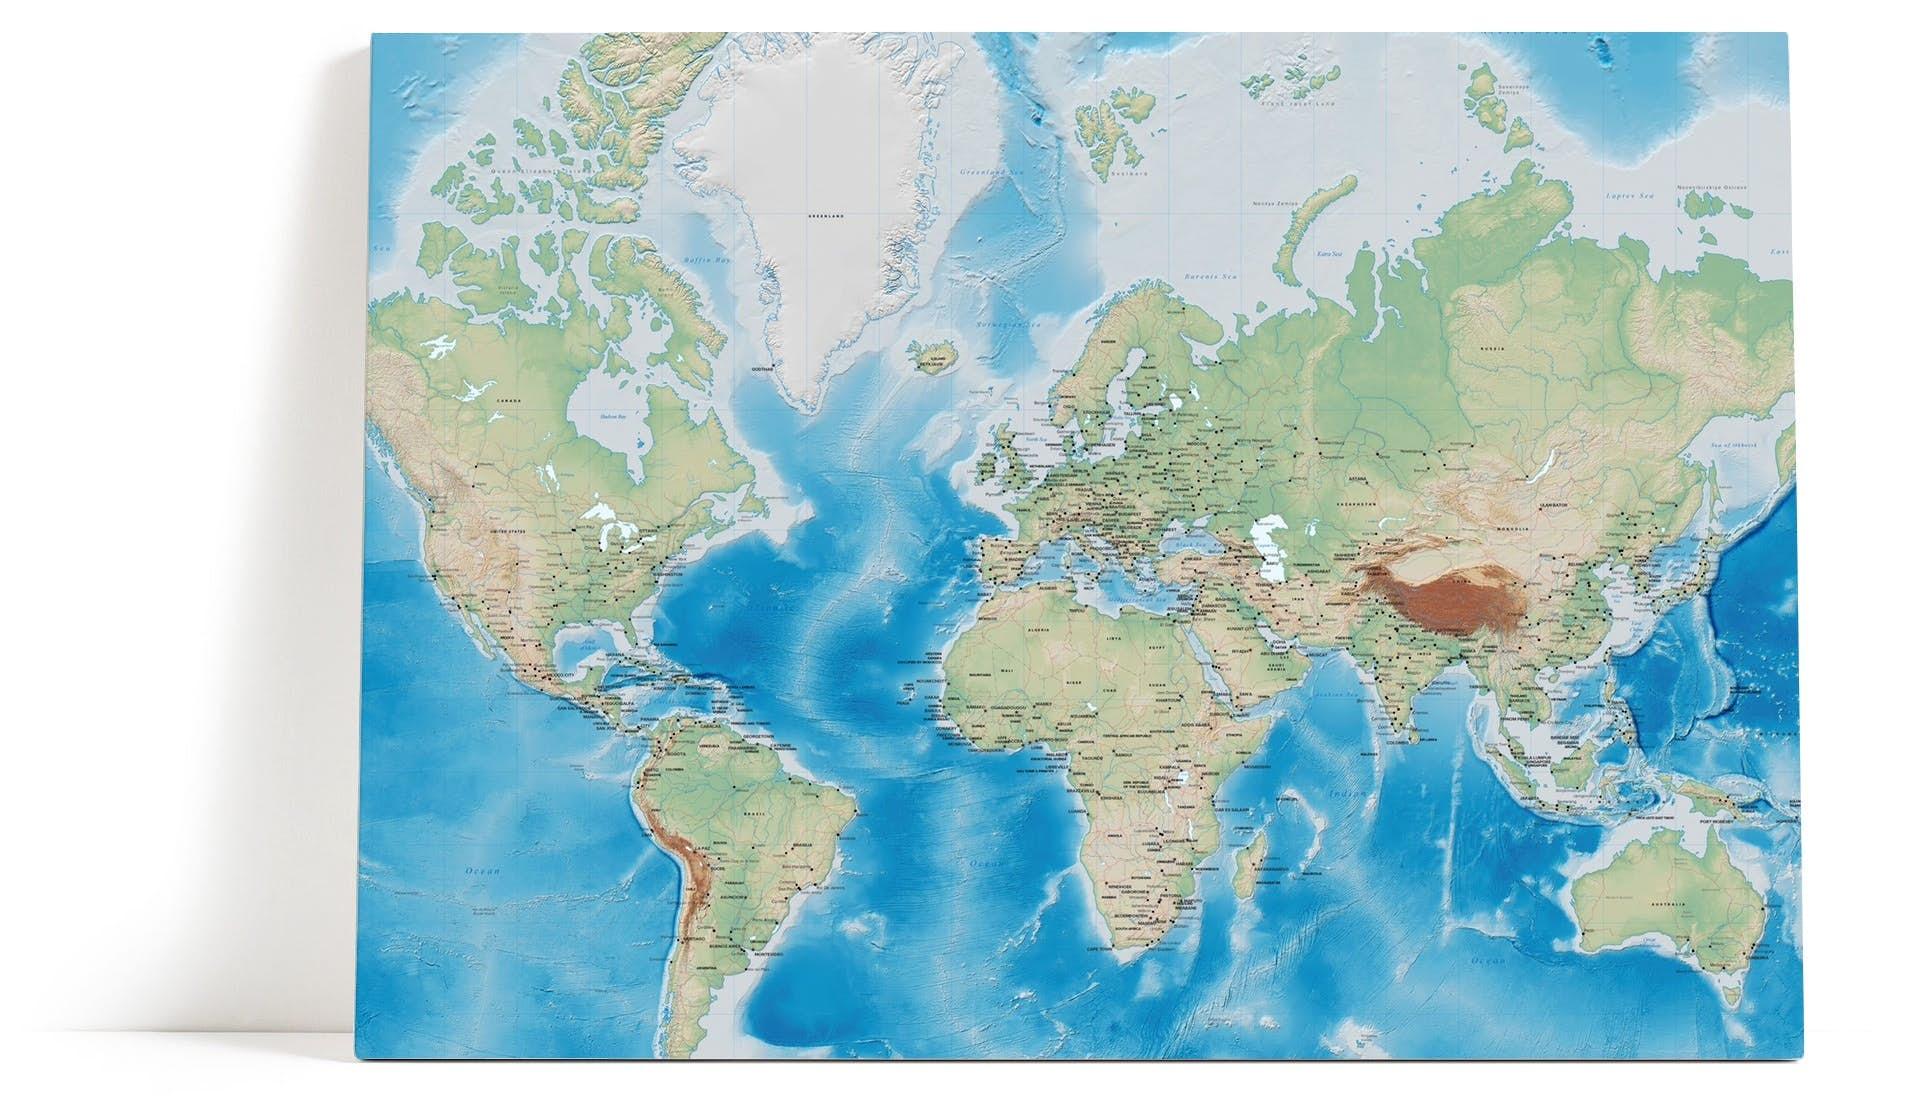 Topp Verdenskart Veggbilde | Detaljert kart | Verden | Fjell - Happywall UY-29